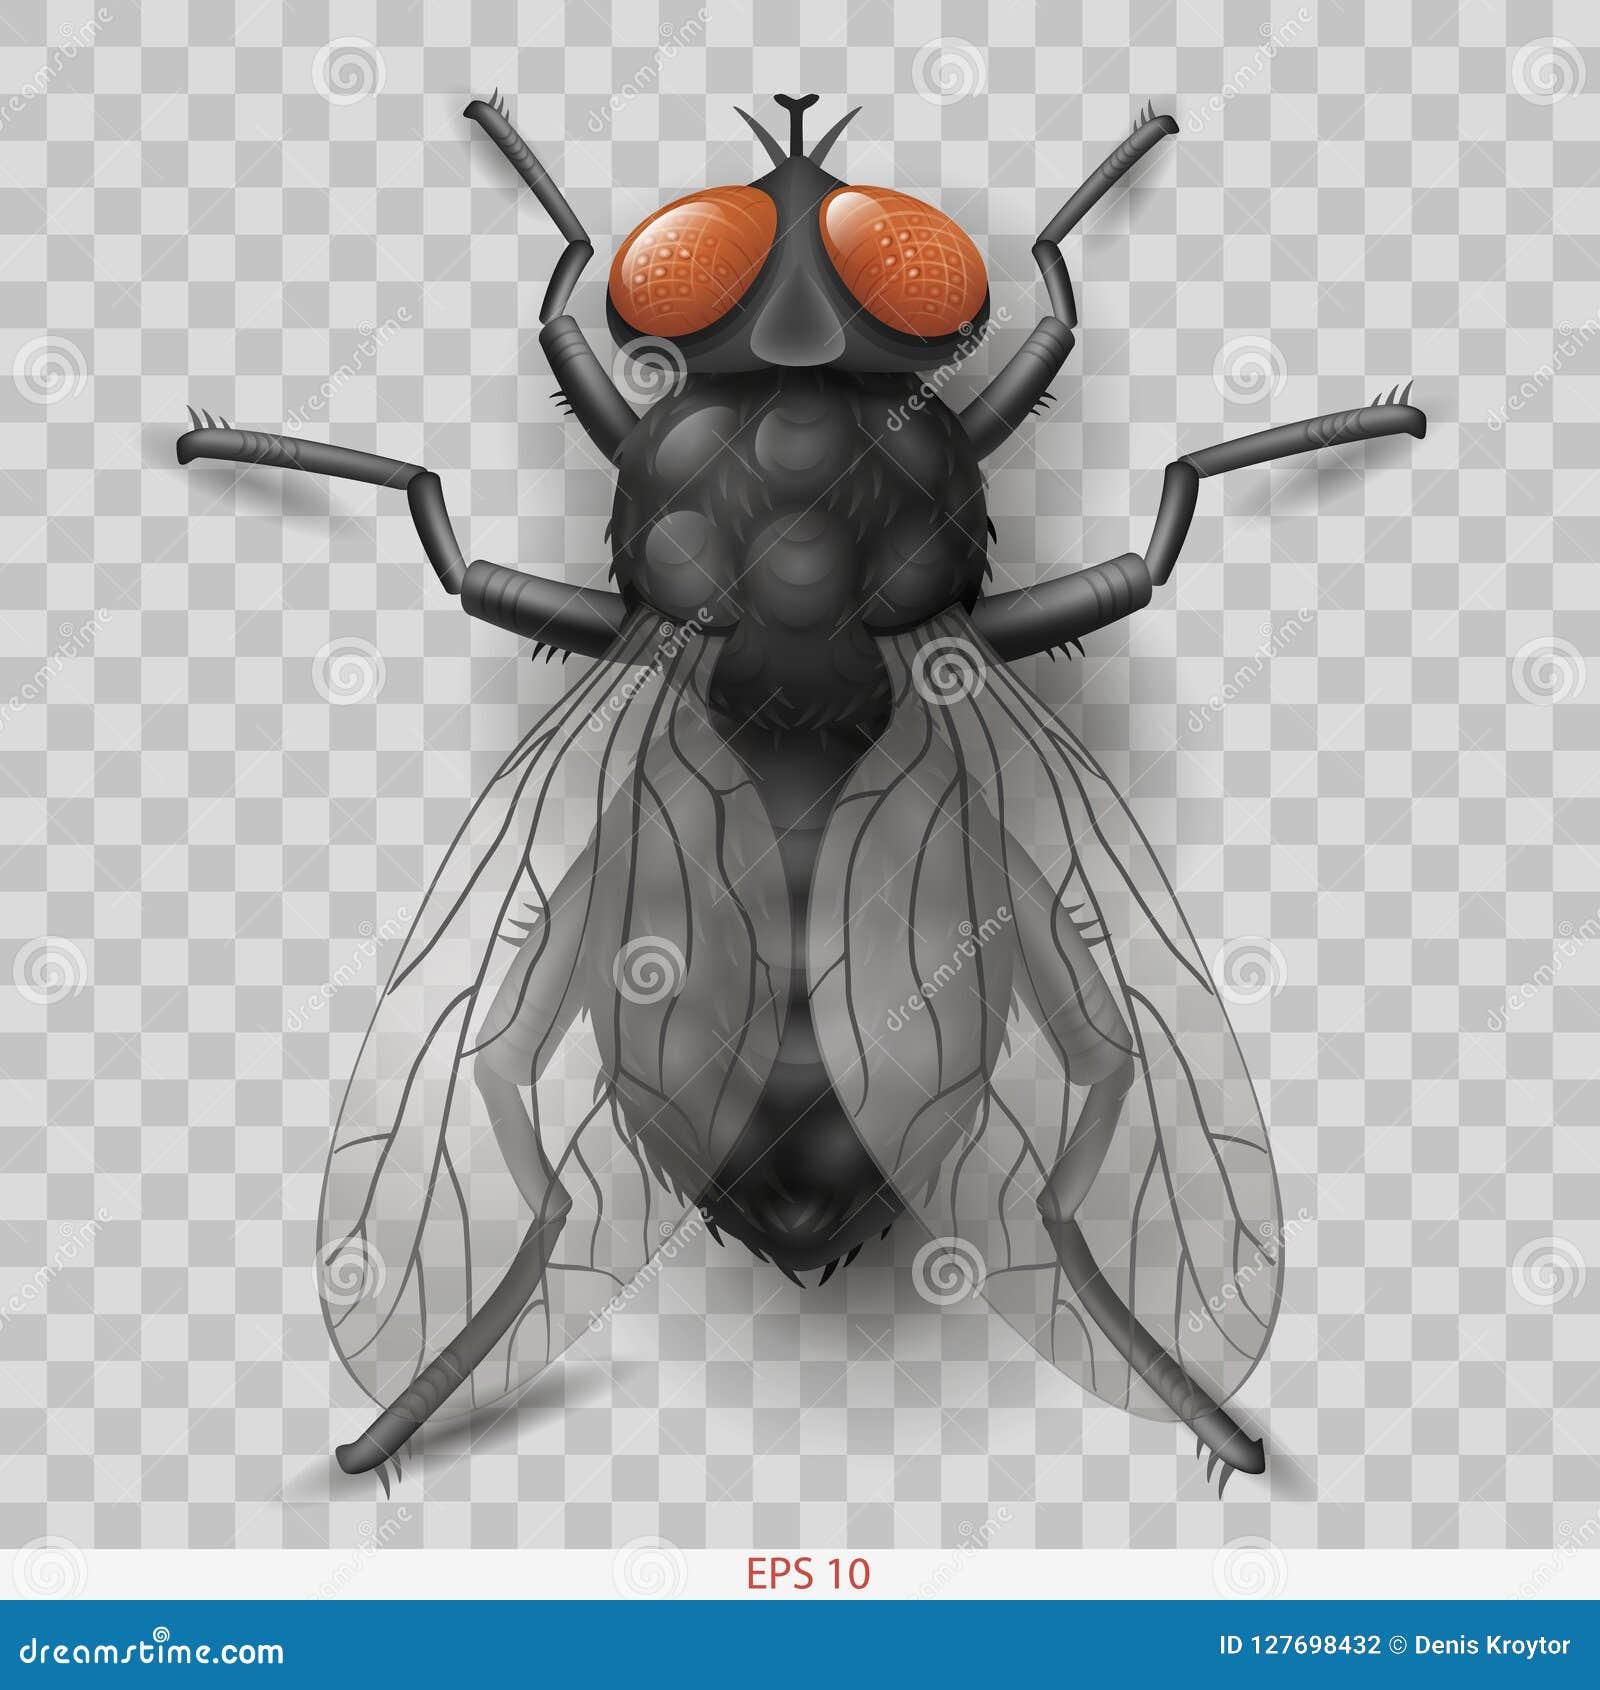 Mosca realista del insecto en mosca del insecto del vector